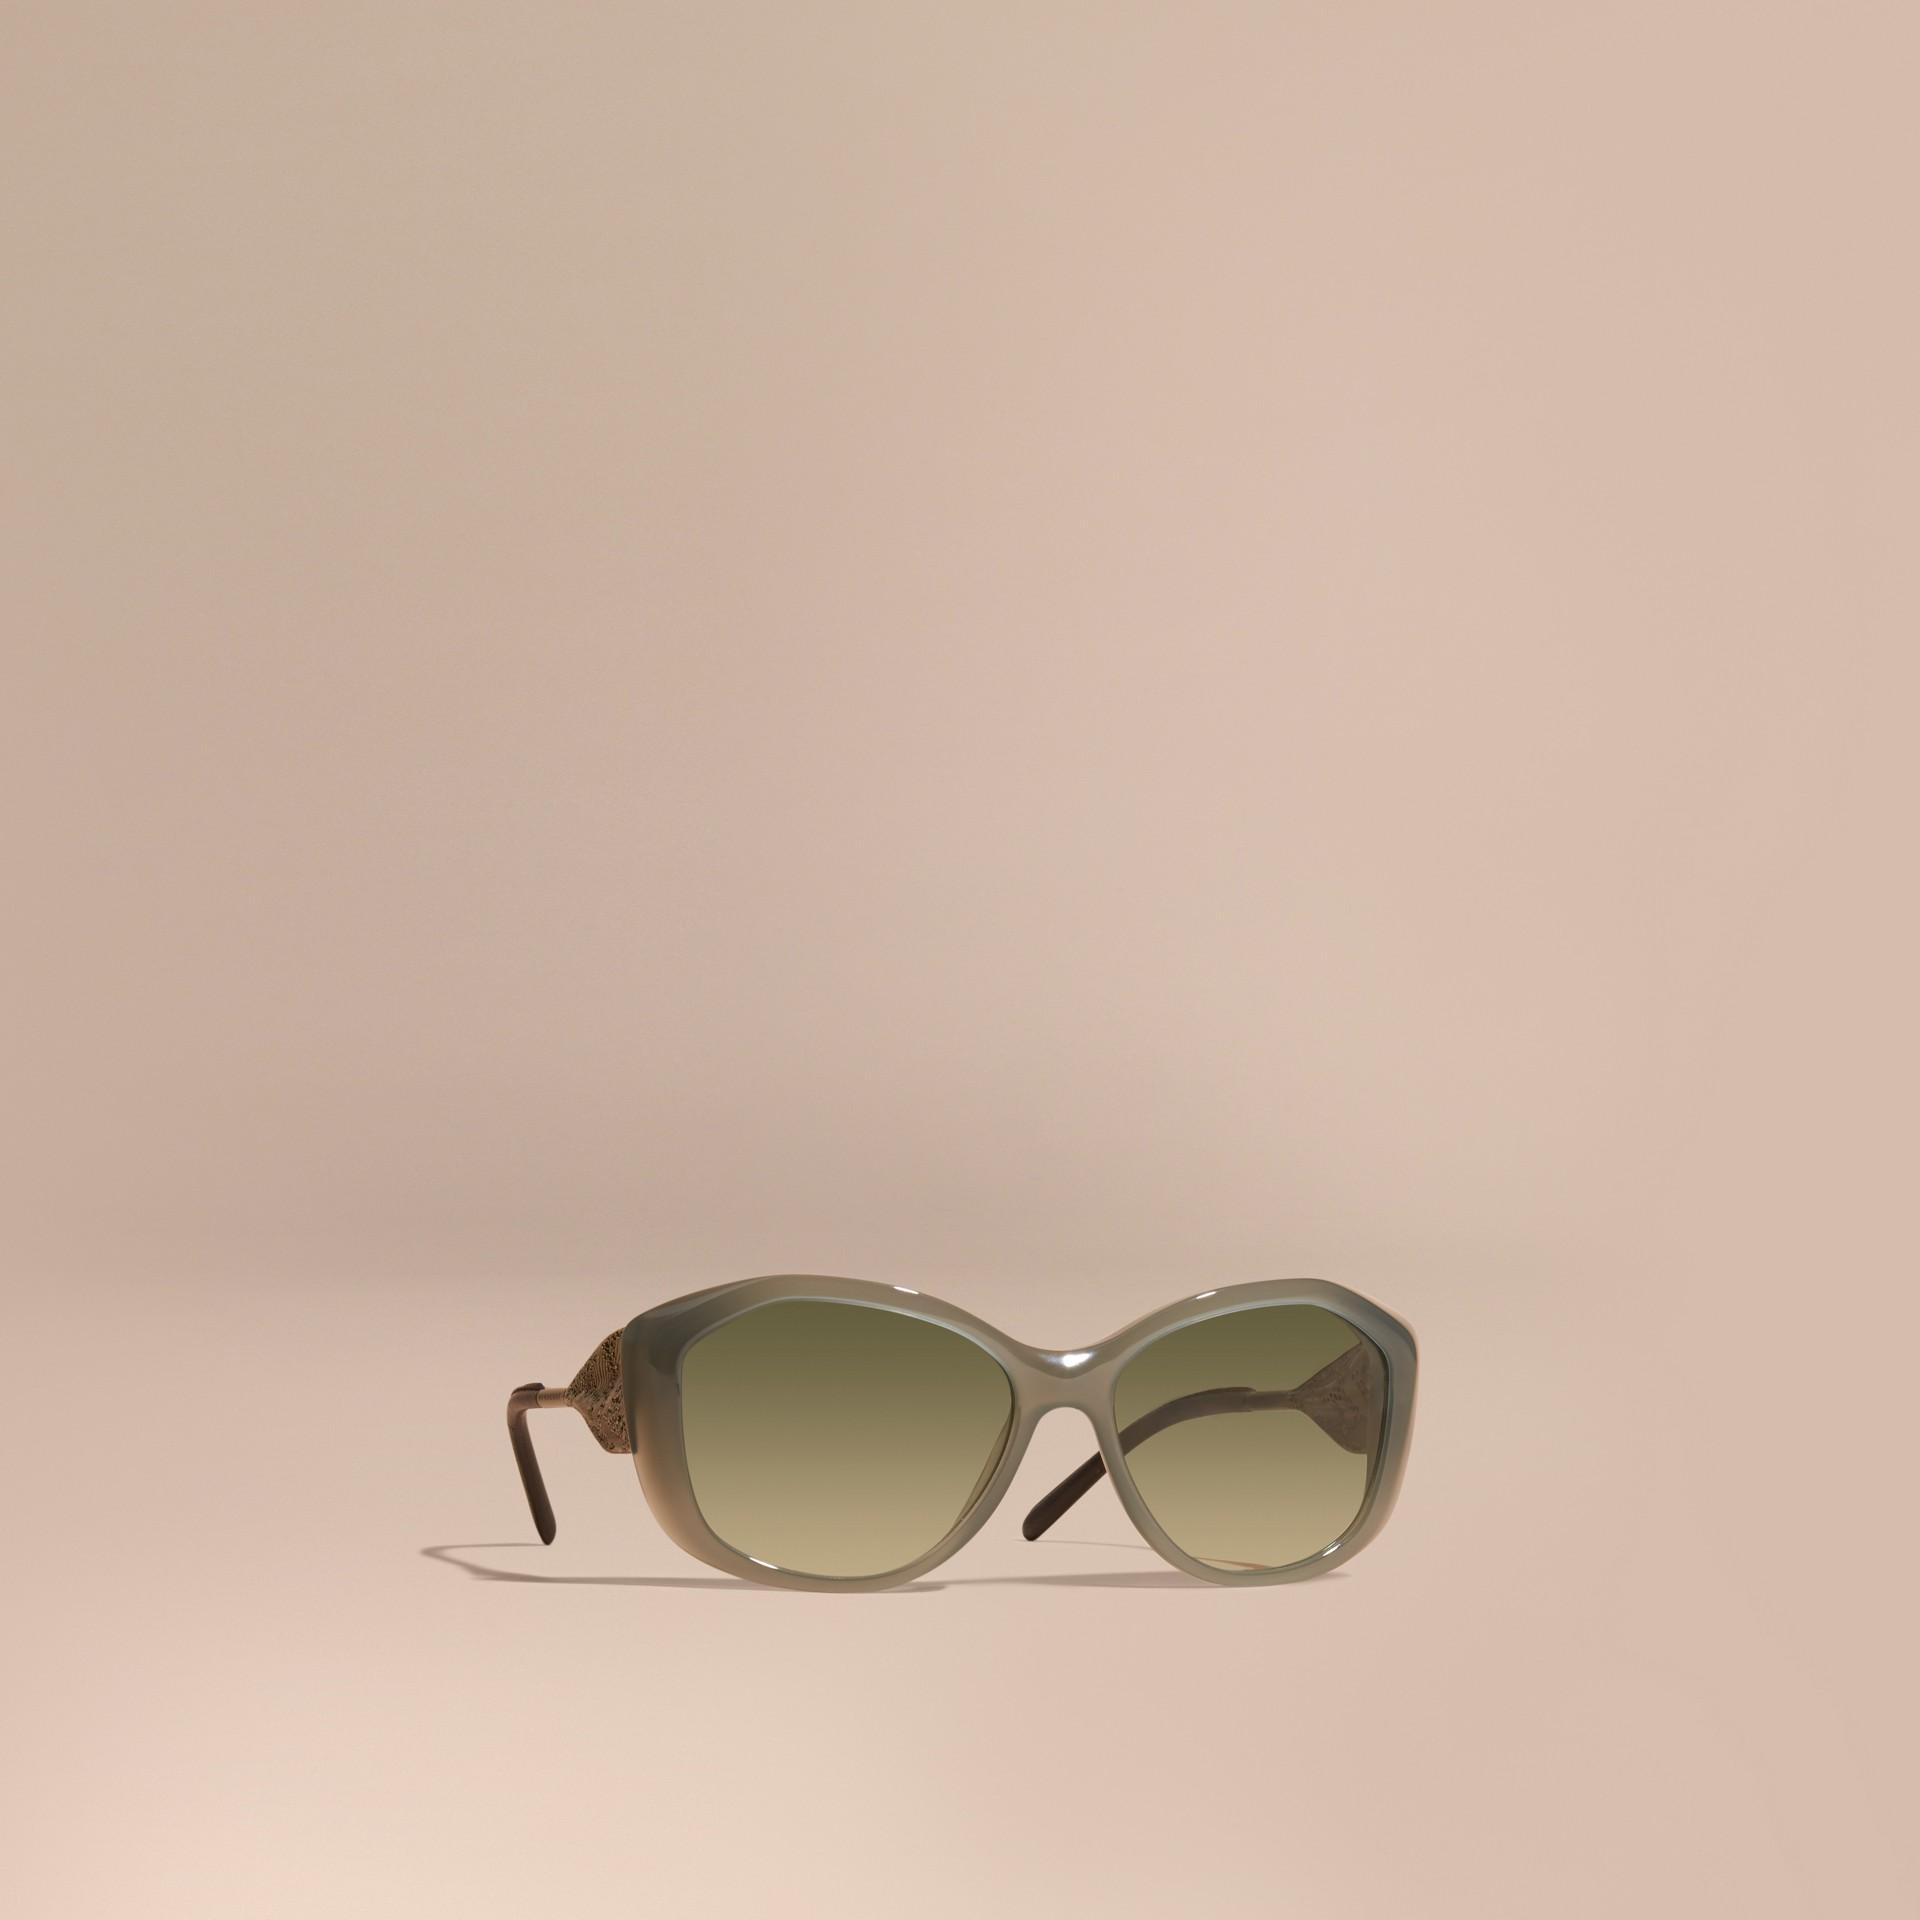 Verde ópalo Gafas de sol con montura cuadrada de la colección Encaje de gabardina Verde Ópalo - imagen de la galería 1